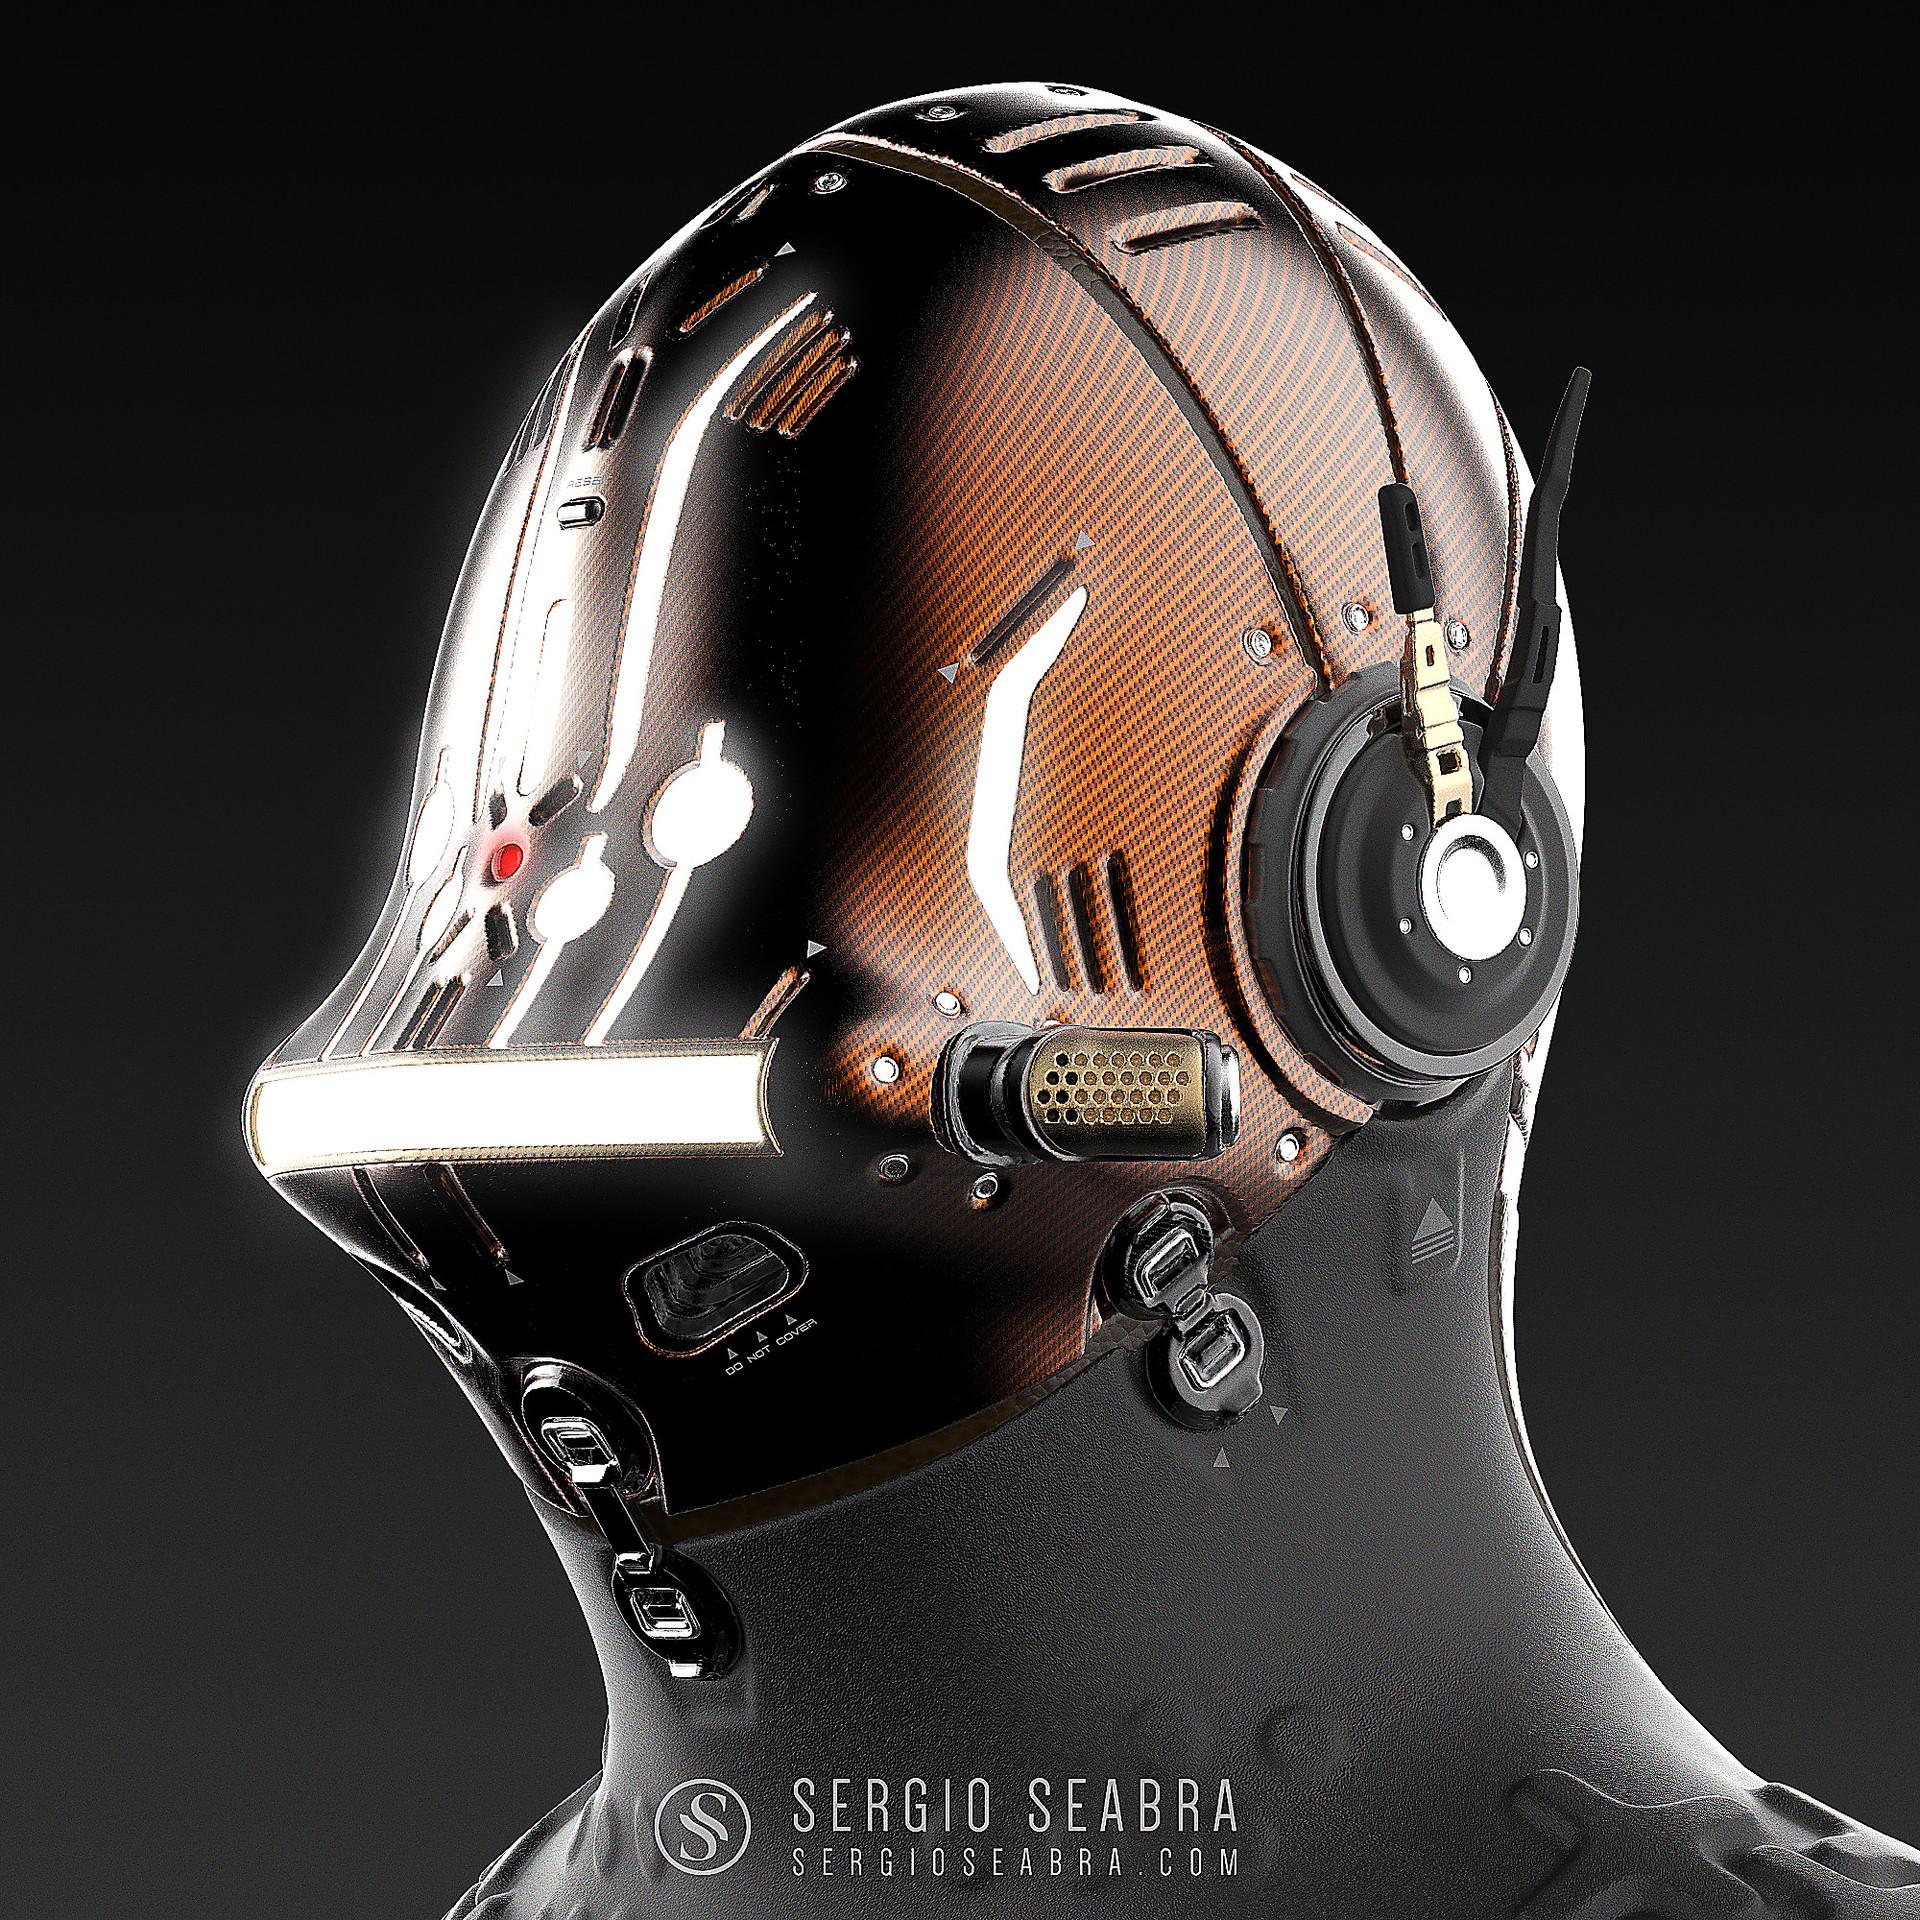 Sergio seabra 20170718 helmet2 layouts2